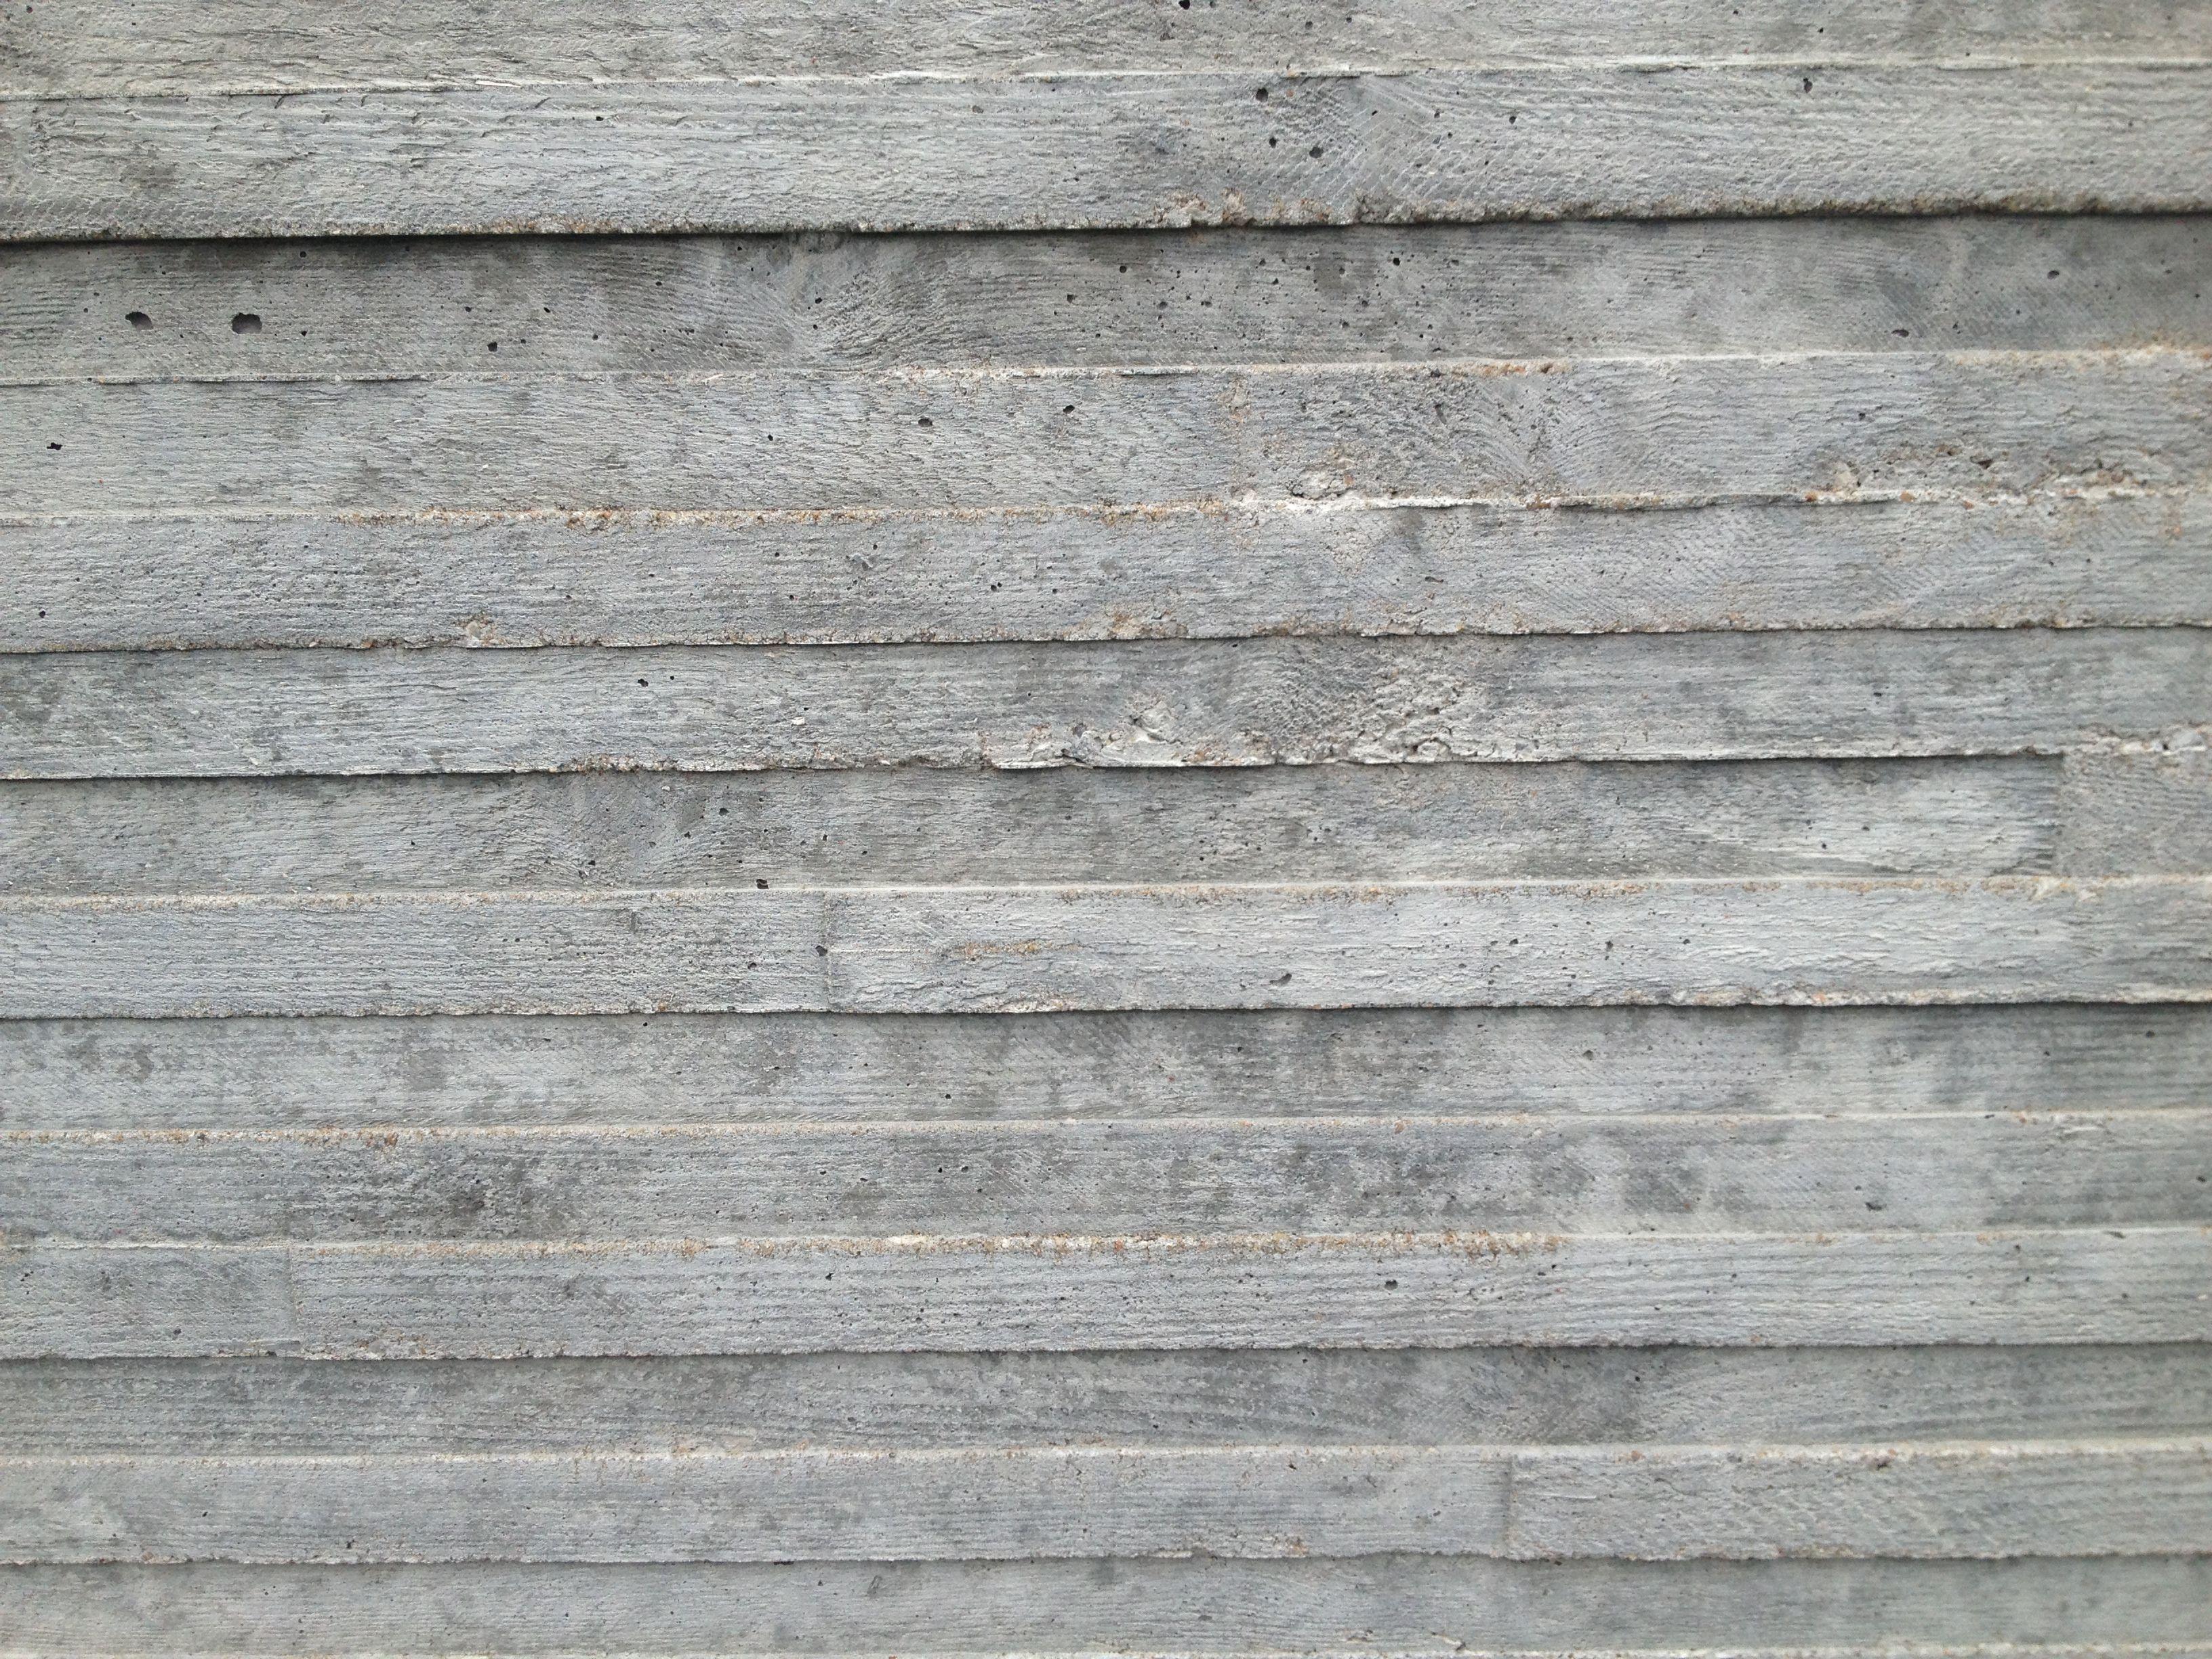 concrete pattern texture google search textures On concrete texture wood